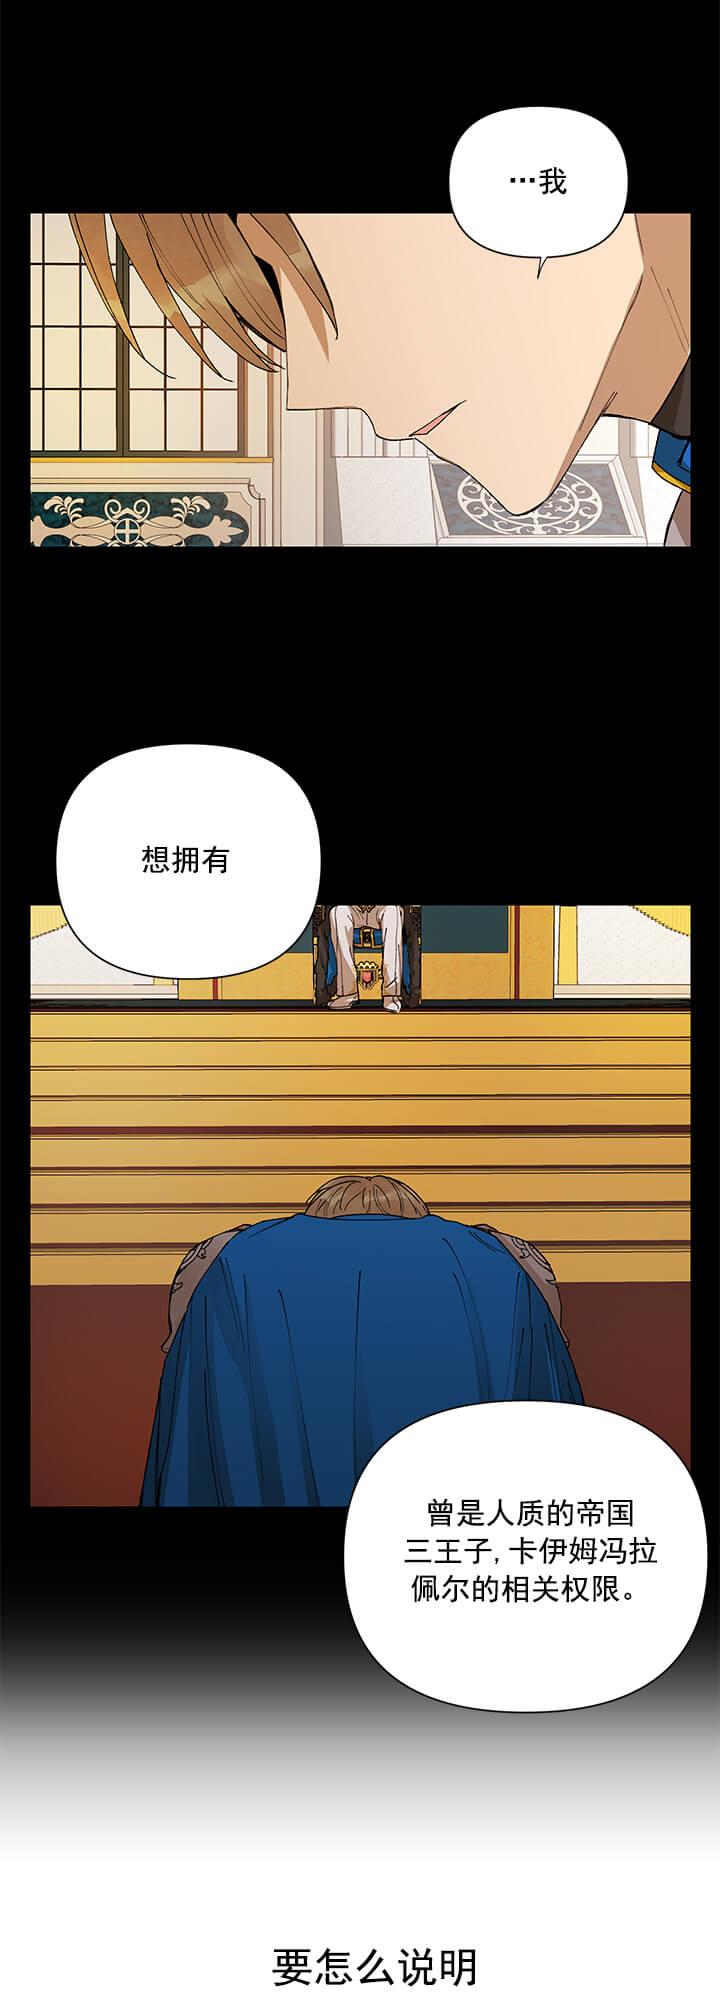 韩漫 |《谁在撒谎》表面忠诚骑士x危险人质王子,究竟谁在撒谎?  第15张